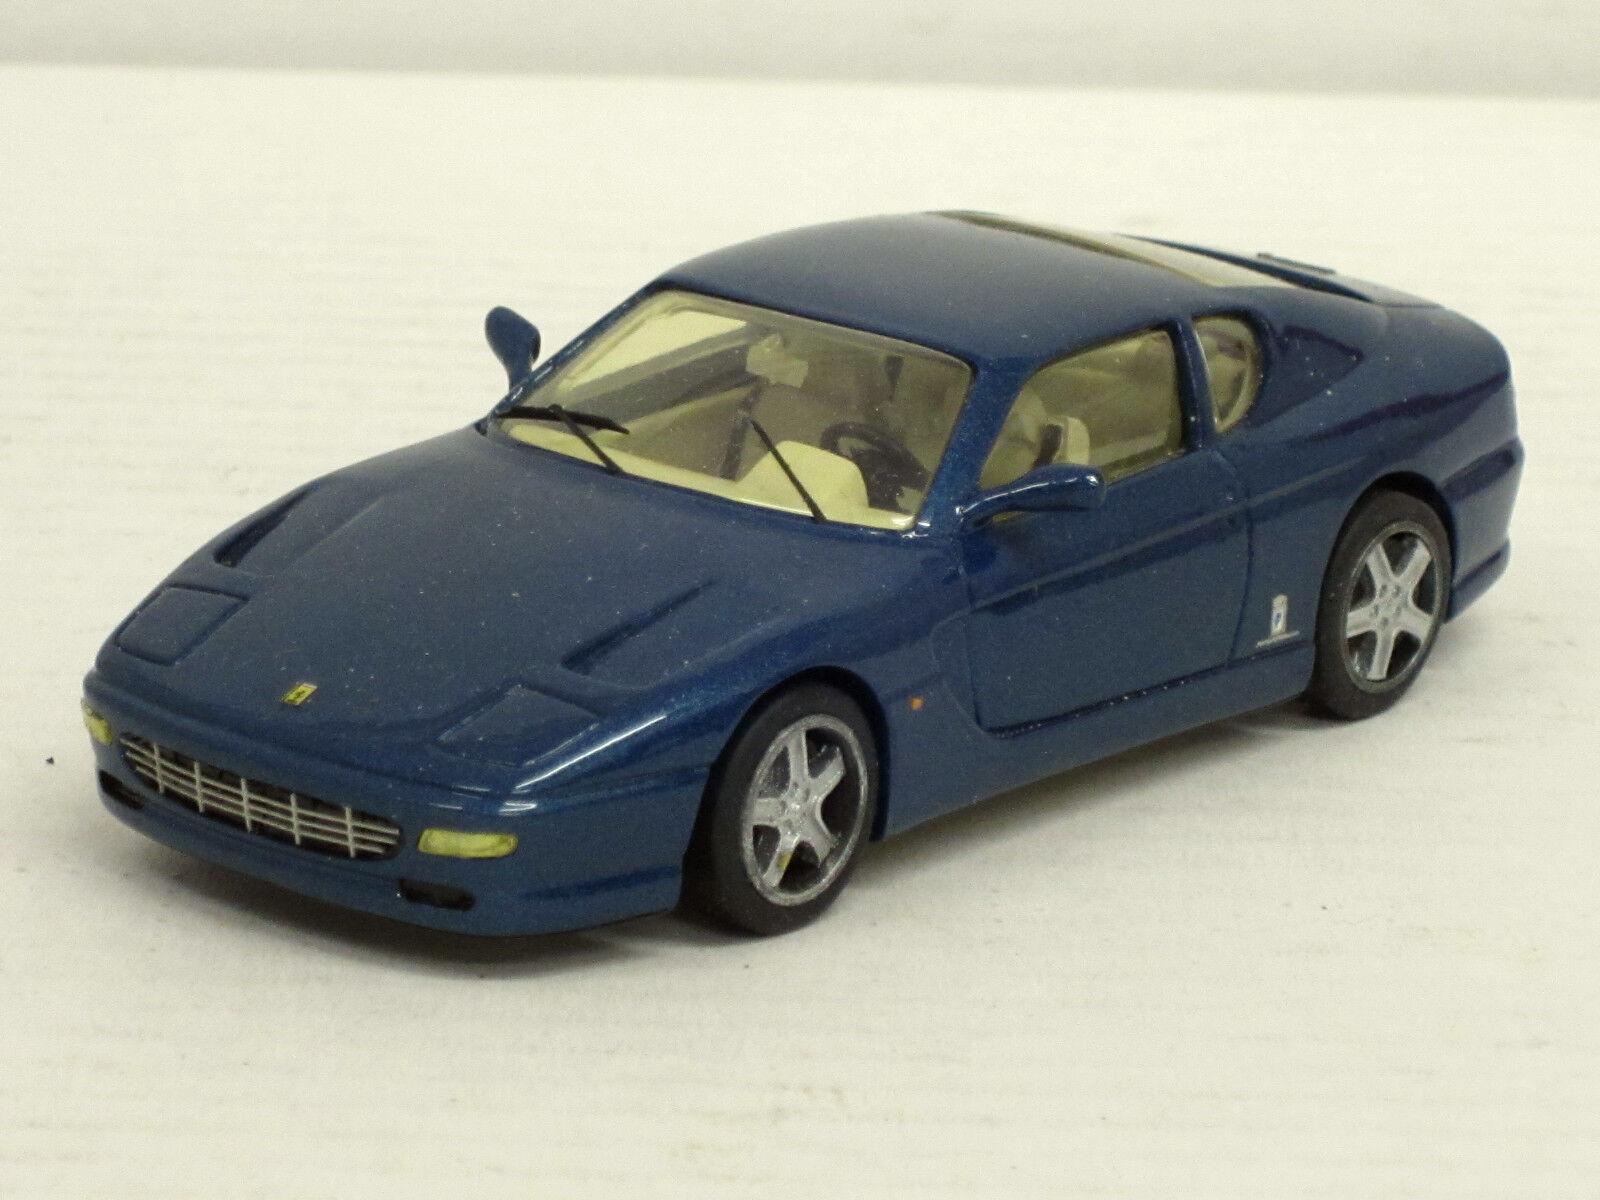 Ferrari 456 GT 22 in blaumetallic, o.OVP, Starter, 1 43, Handarbeit    Kostengünstig